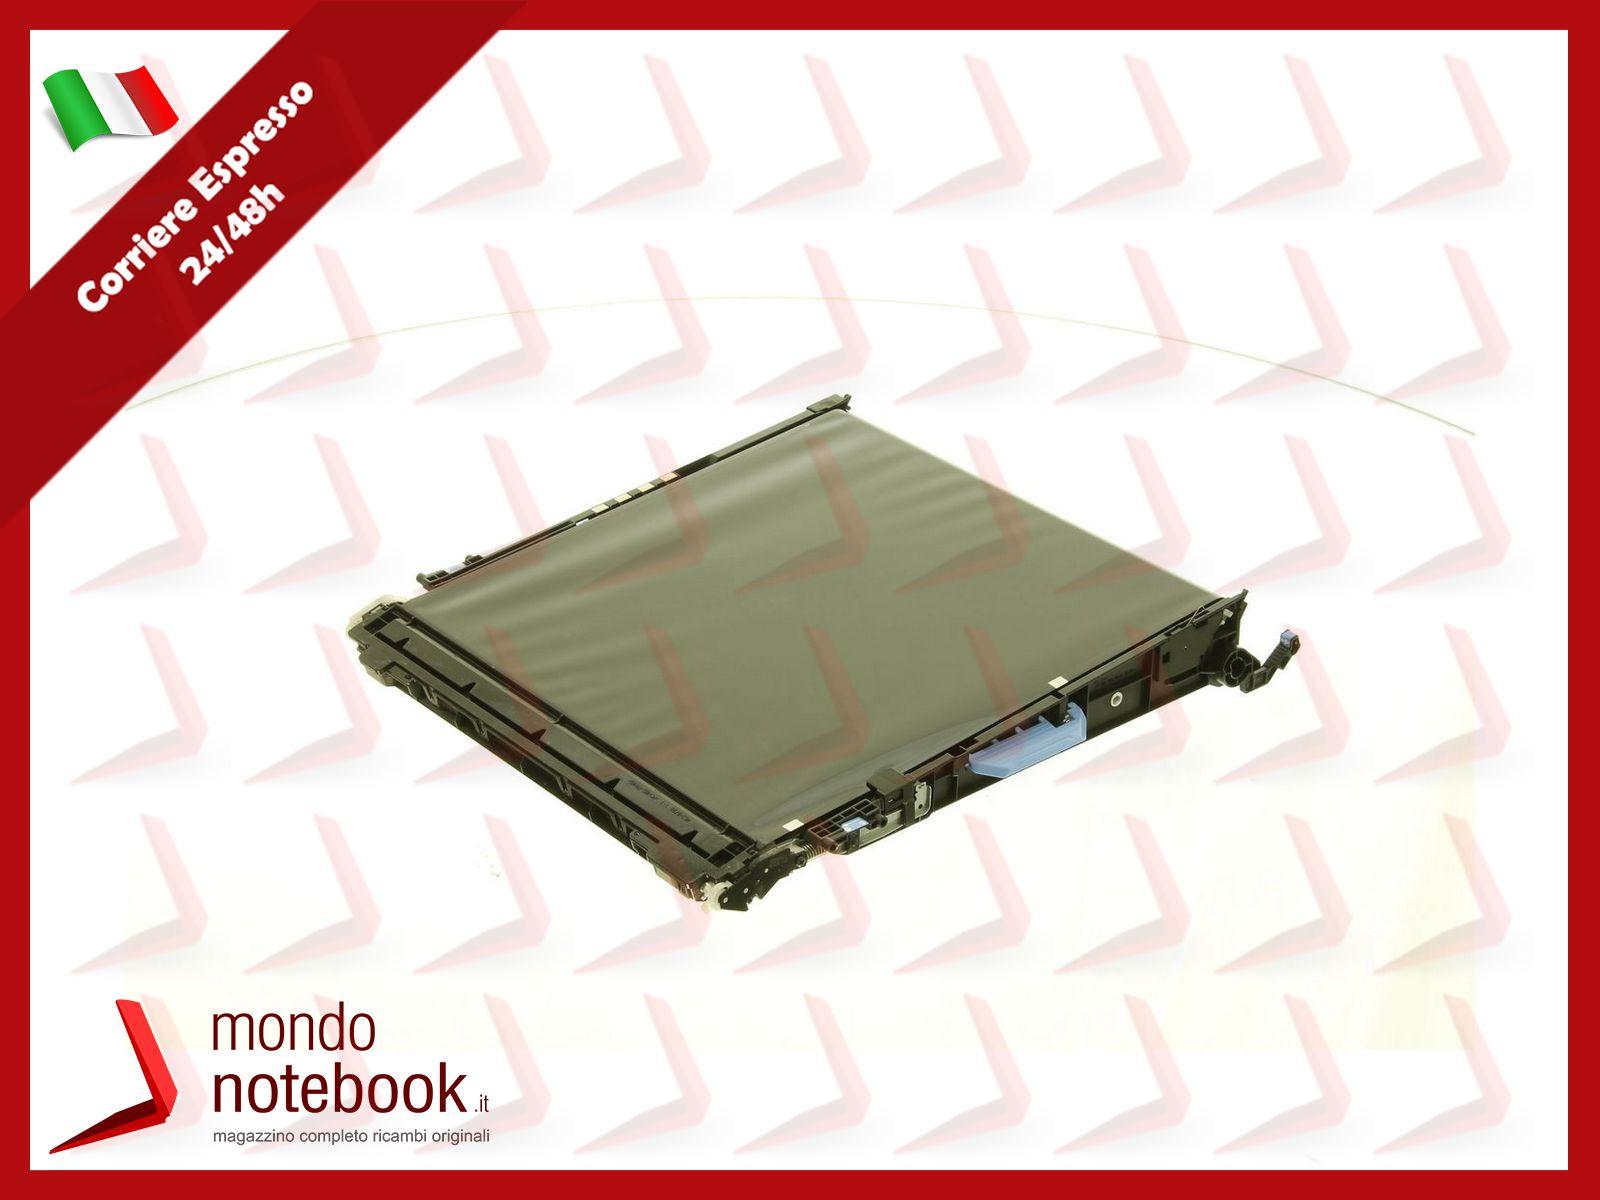 https://www.mondonotebook.it/12541/green-cell-pro-batteria-pa5162u-1brs-per-toshiba-portege-r30-r30-a-r30-a-134-r30-a-14k-r30-a-17k-r30-a-15d-r30-a-1c5.jpg